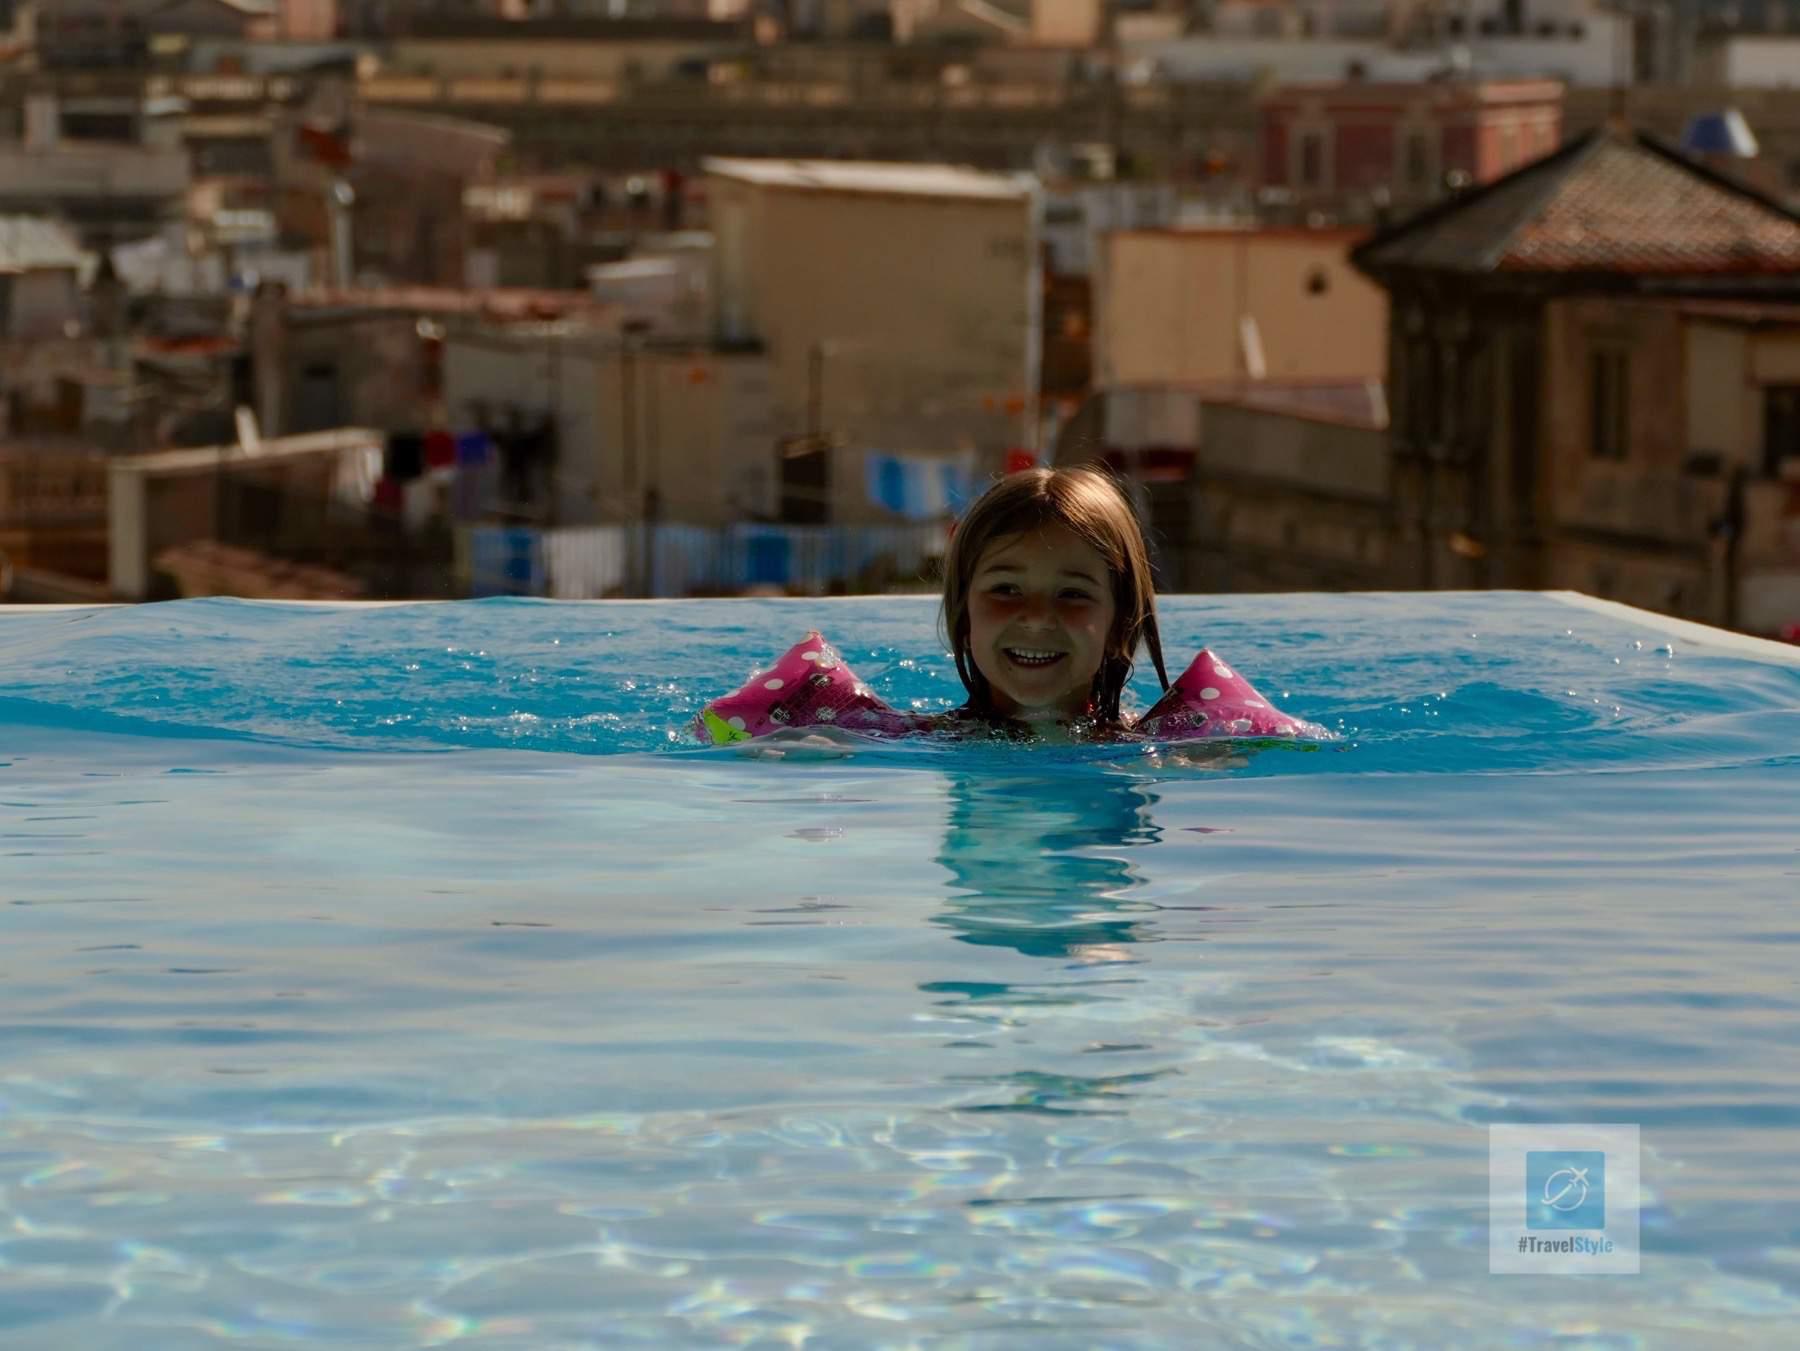 Drei Tage Barcelona erkunden – mit Tipps (nicht nur) für Familien